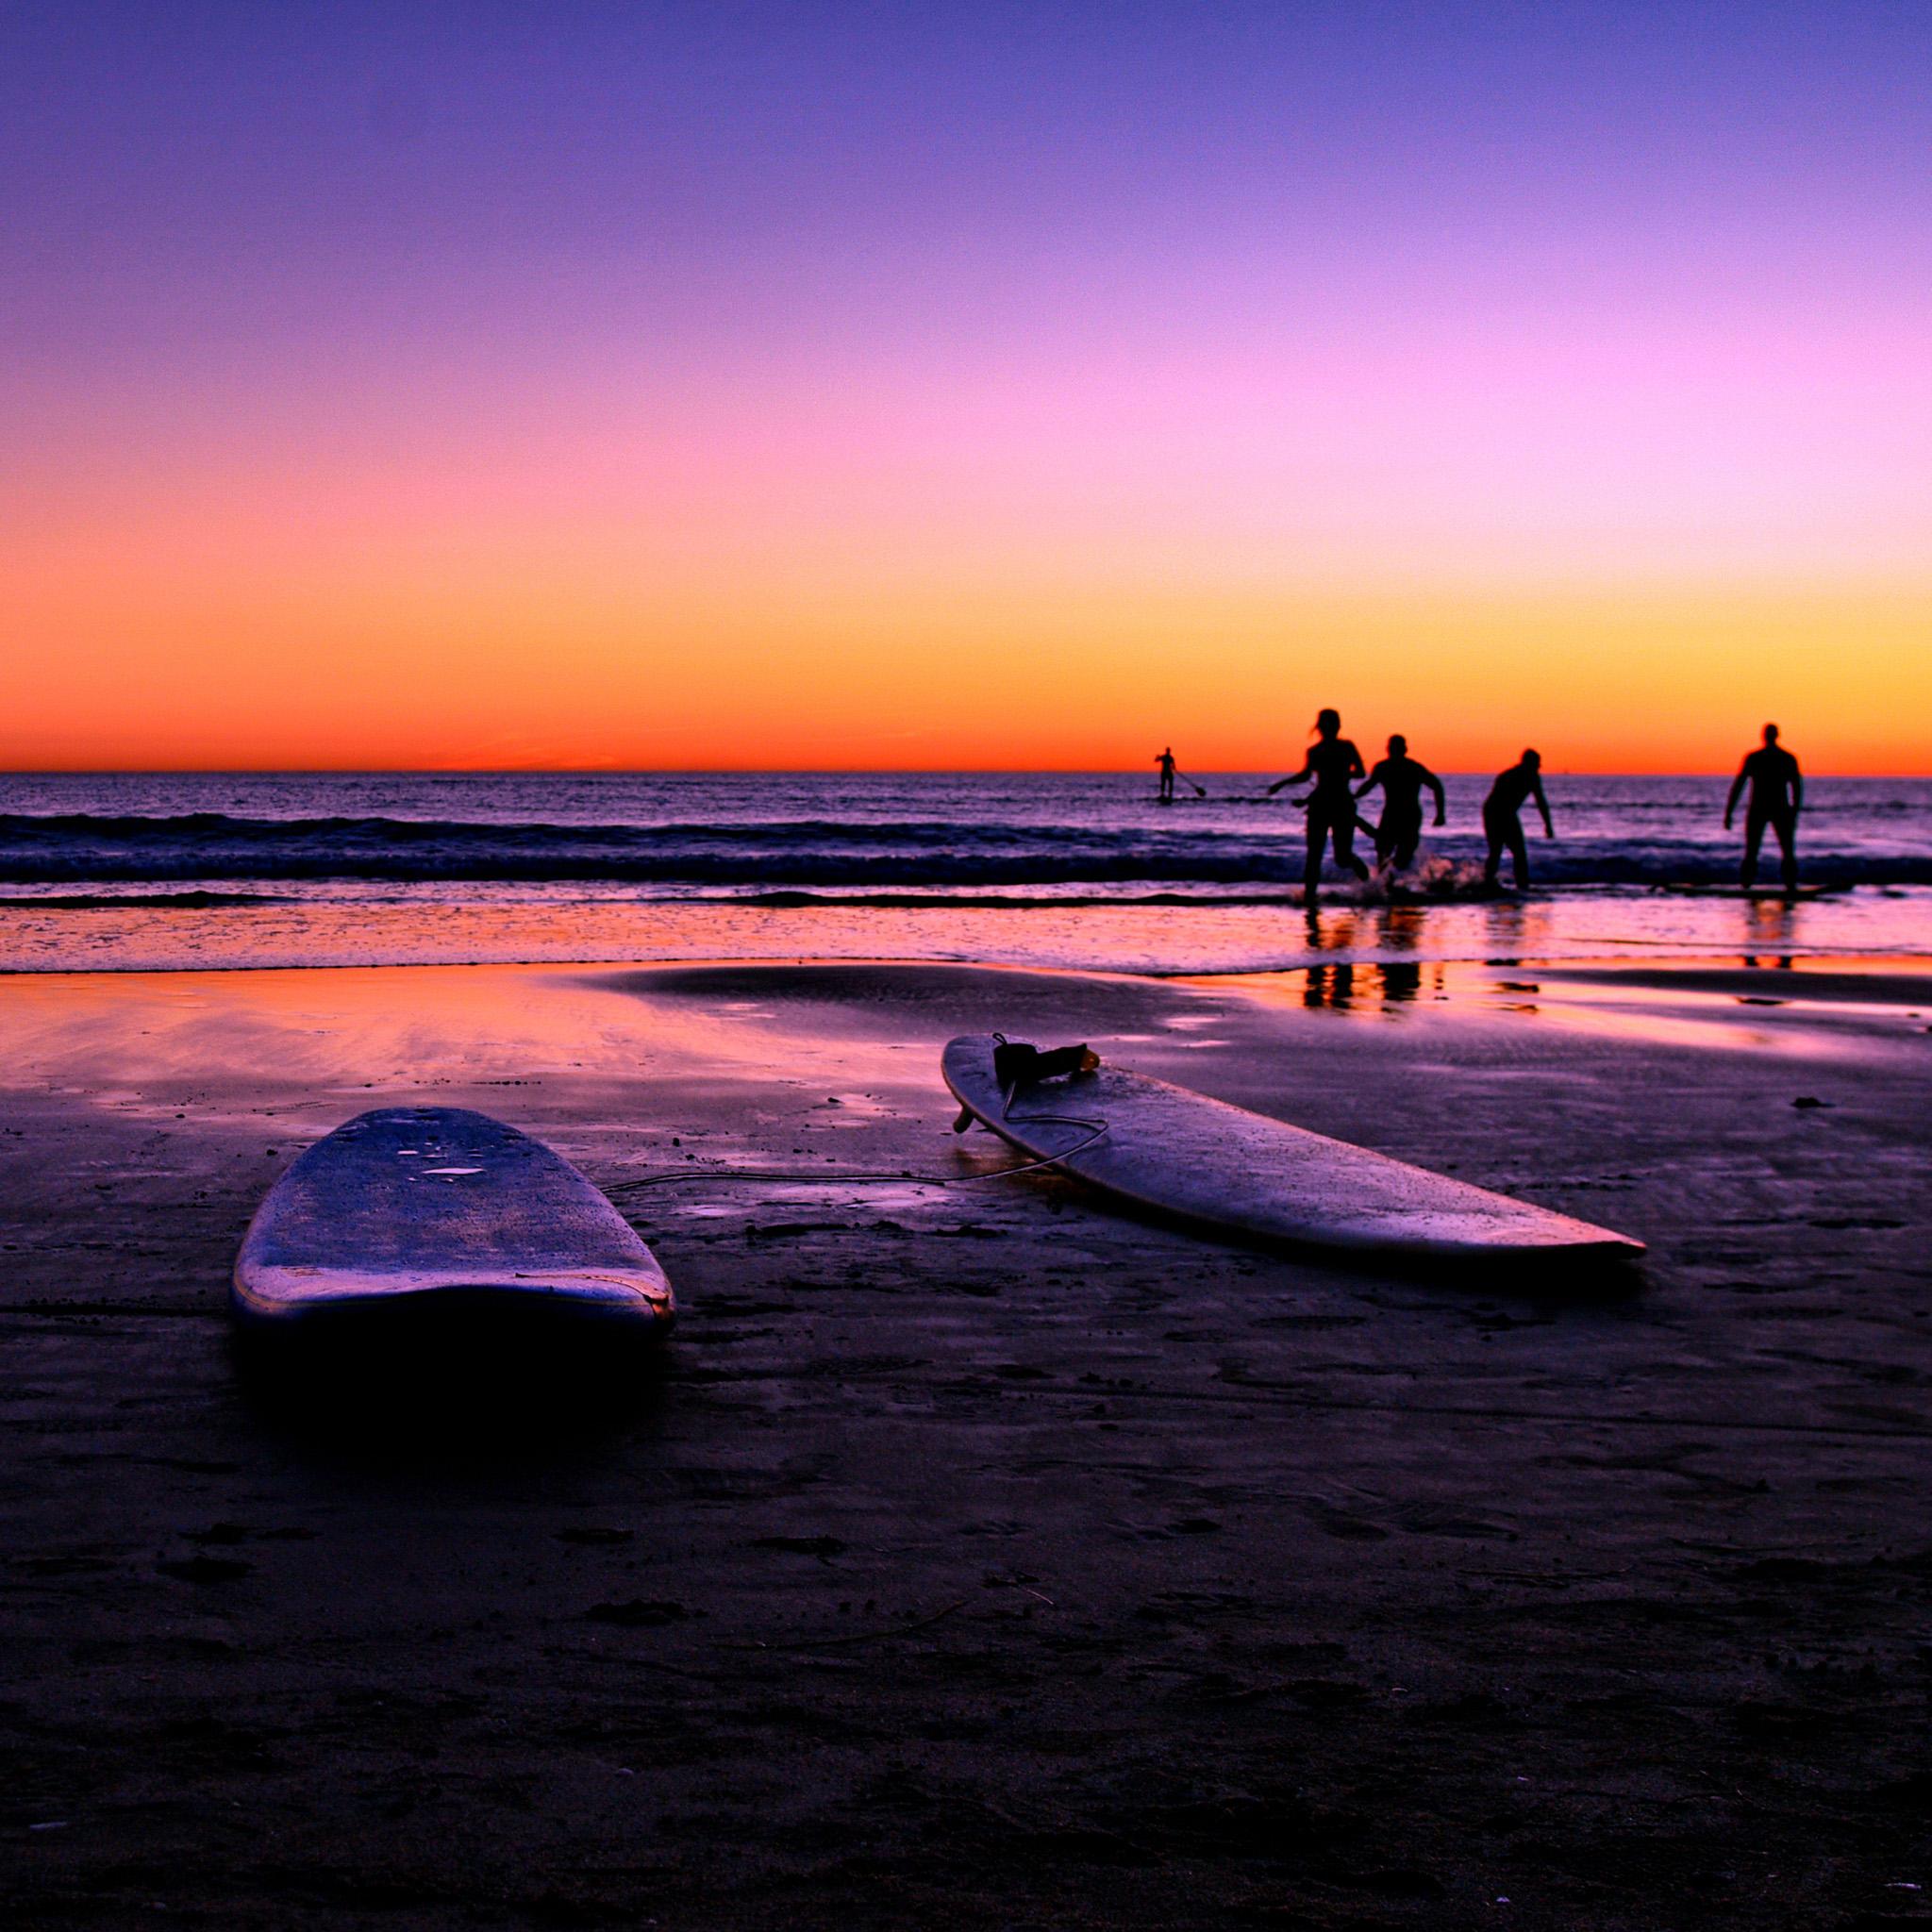 Surf Sunset Wallpaper Hd